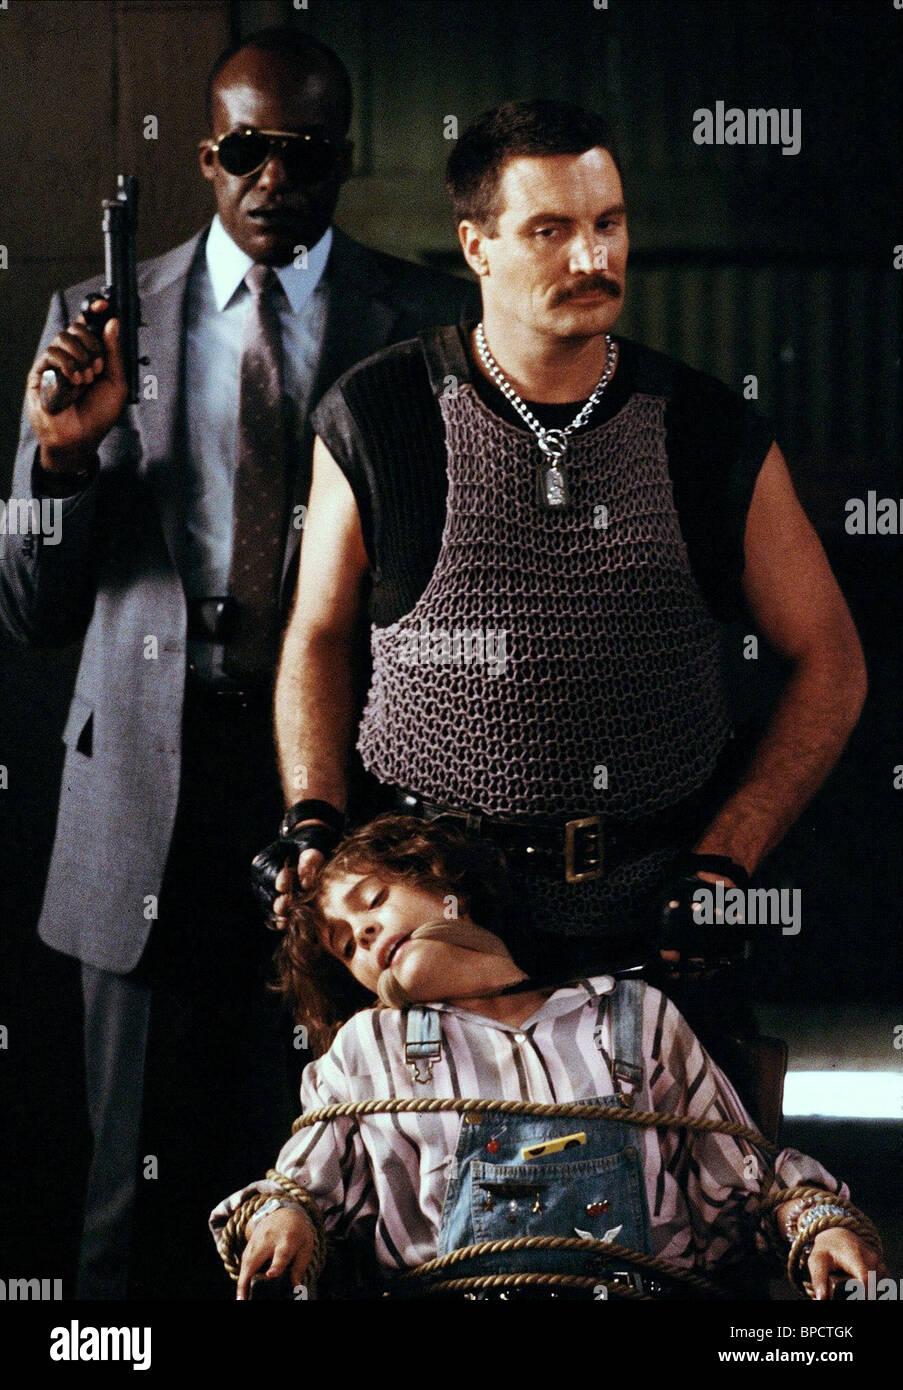 bill duke vernon wells amp alyssa milano commando 1985